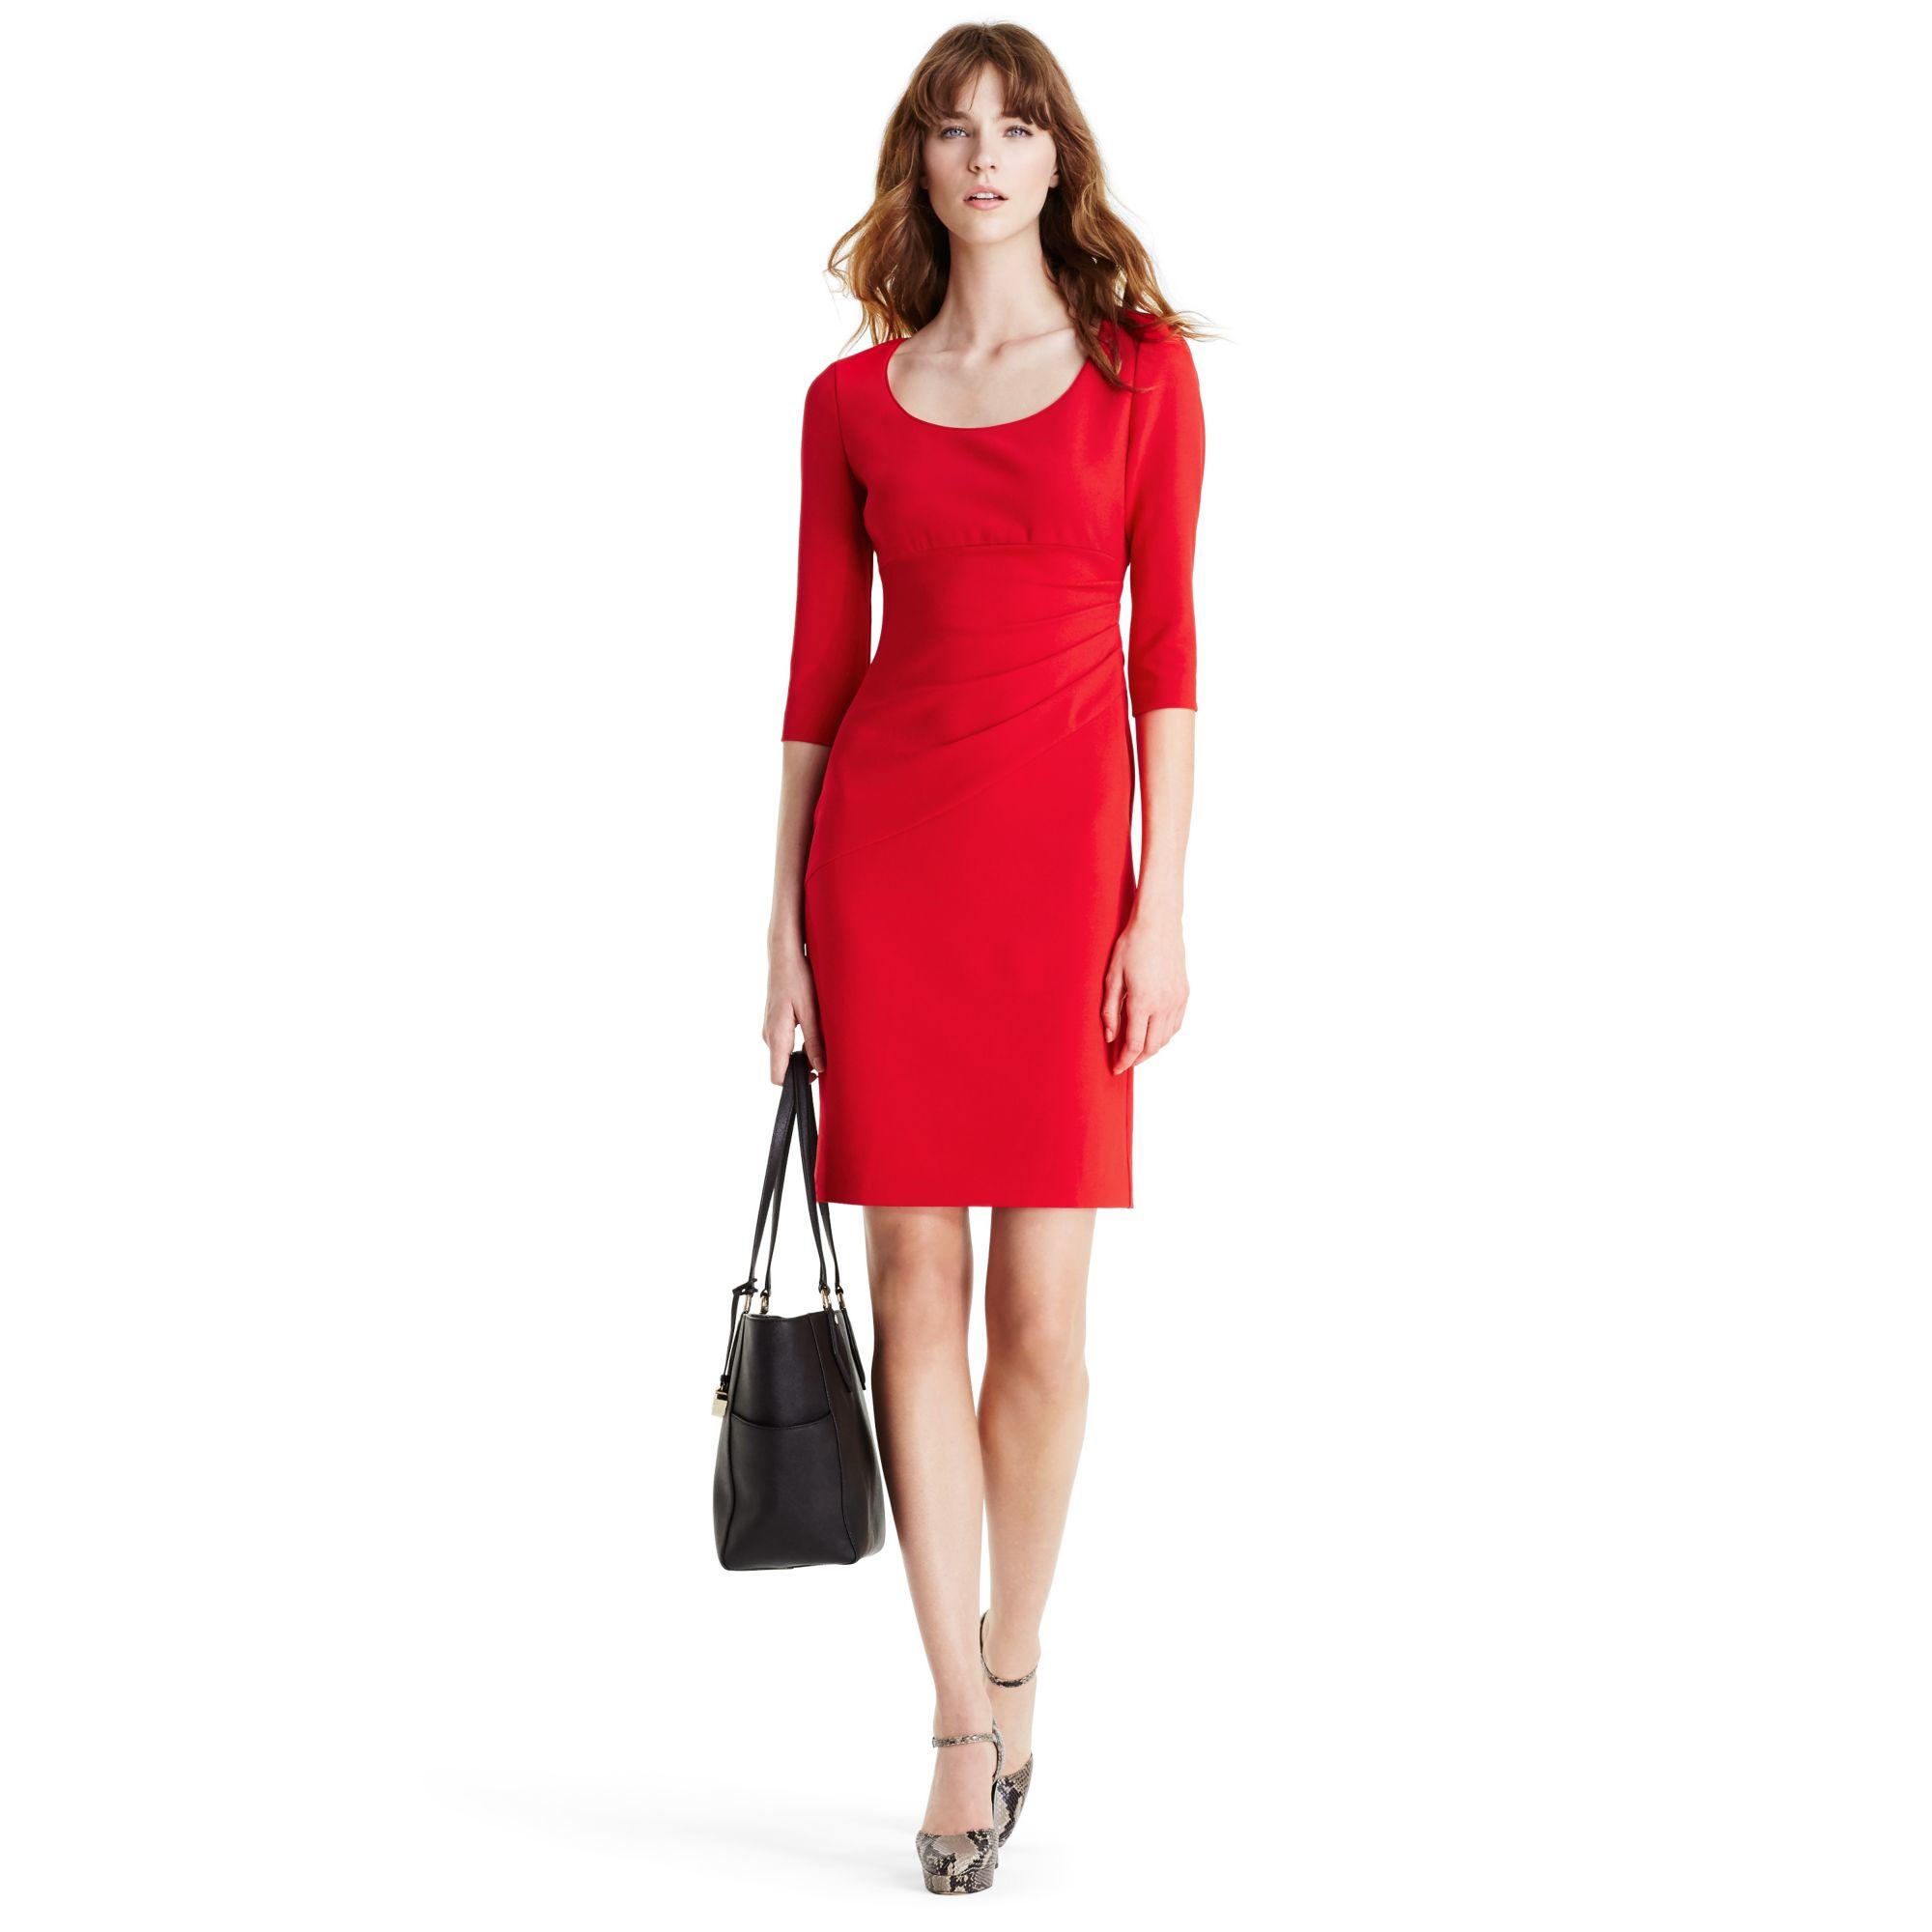 Diane von furstenberg Dvf Eliana Ceramic Sheath Dress in Red  Lyst